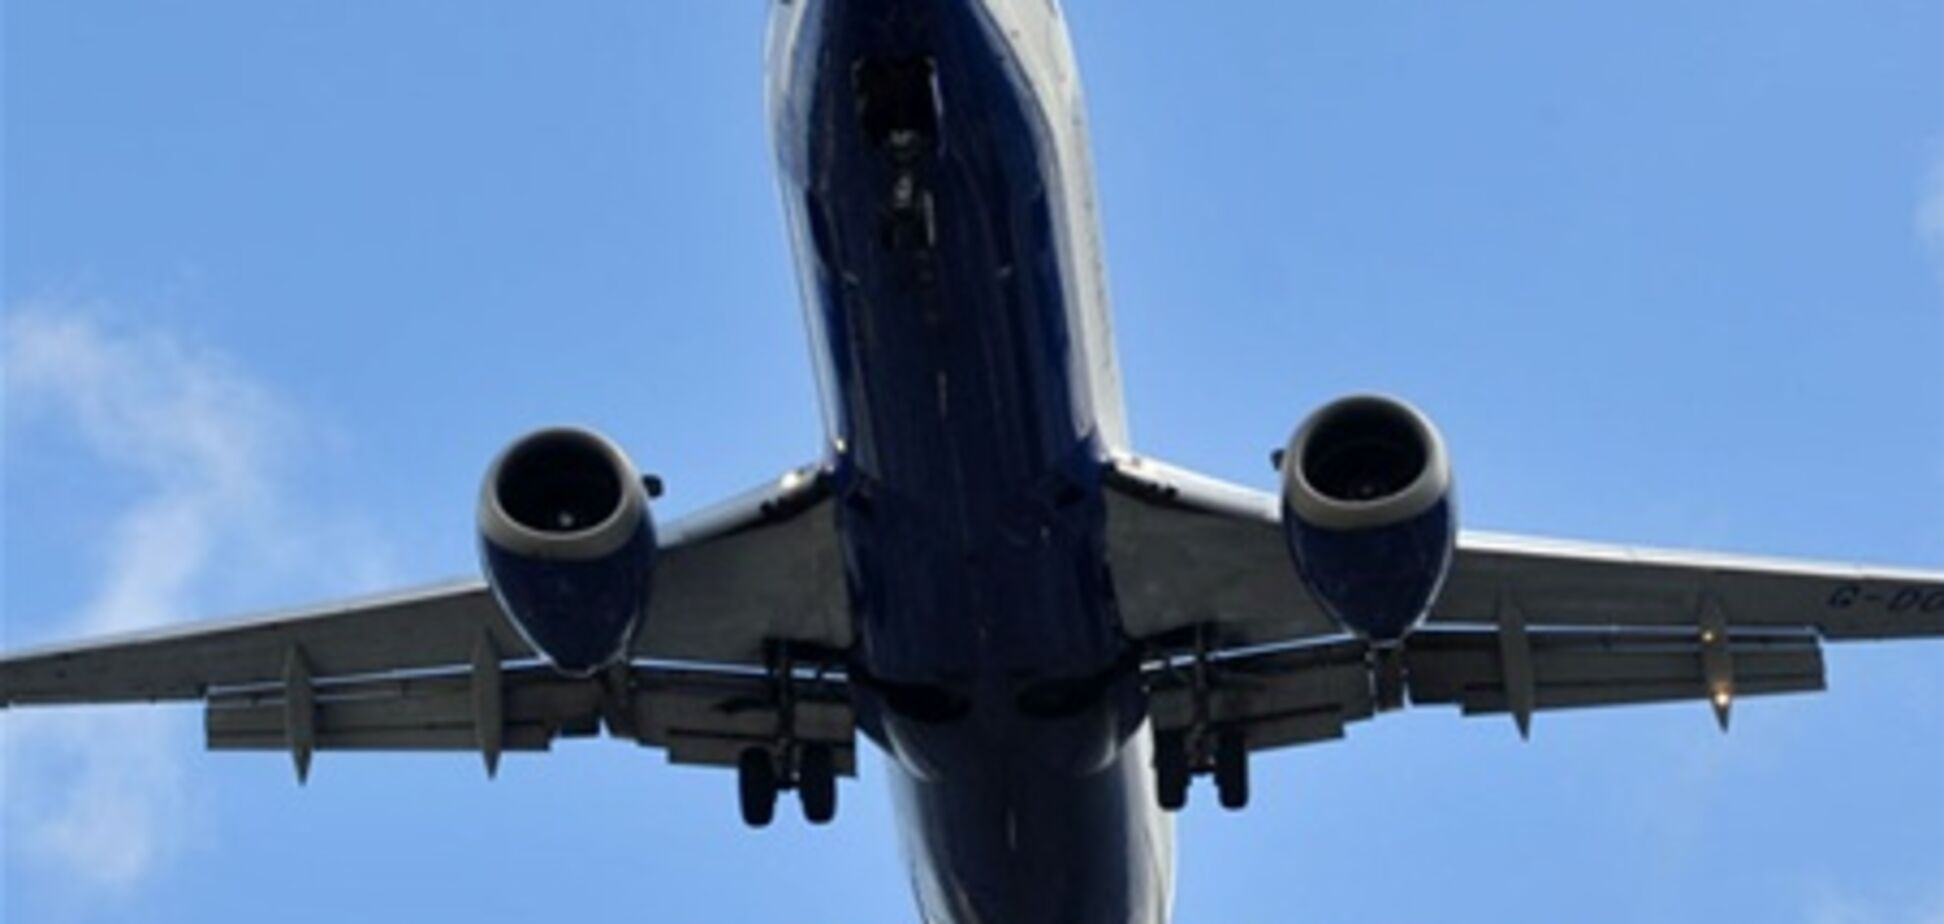 Пьяный спортсмен пытался выйти из самолета во время полета